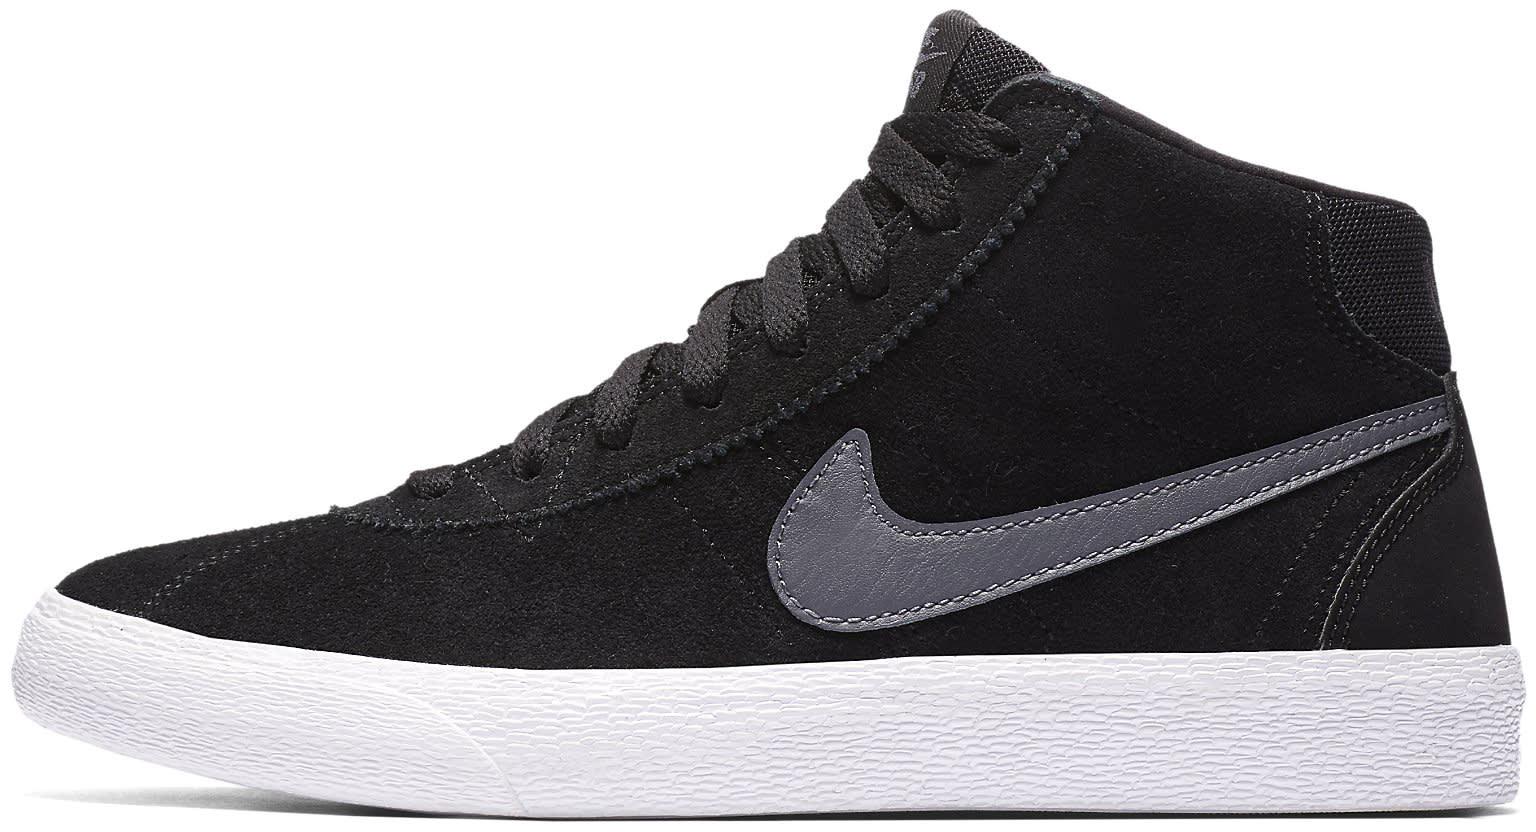 sports shoes ba0e2 c5df7 Nike SB Bruin HI Skate Shoes - thumbnail 1